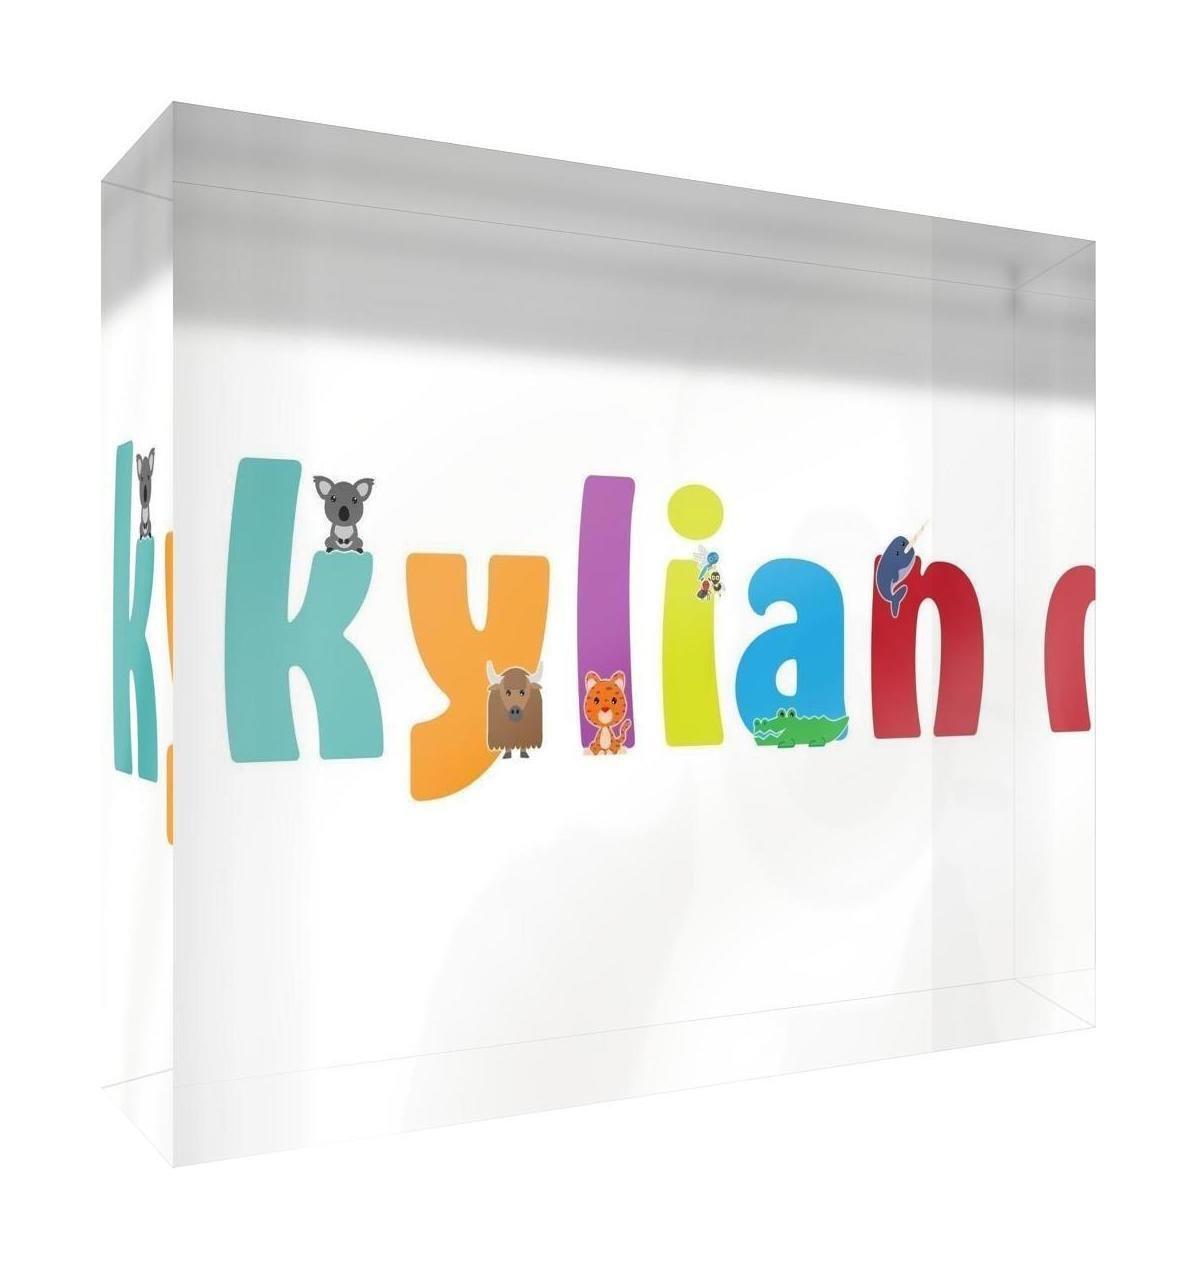 Little Helper recuerdo decorativo de acr/ílico transparente pulido como diamante estilo illustratif pintado con el nombre de joven ni/ño Kylian 5/x 15/x 2/cm peque/ño